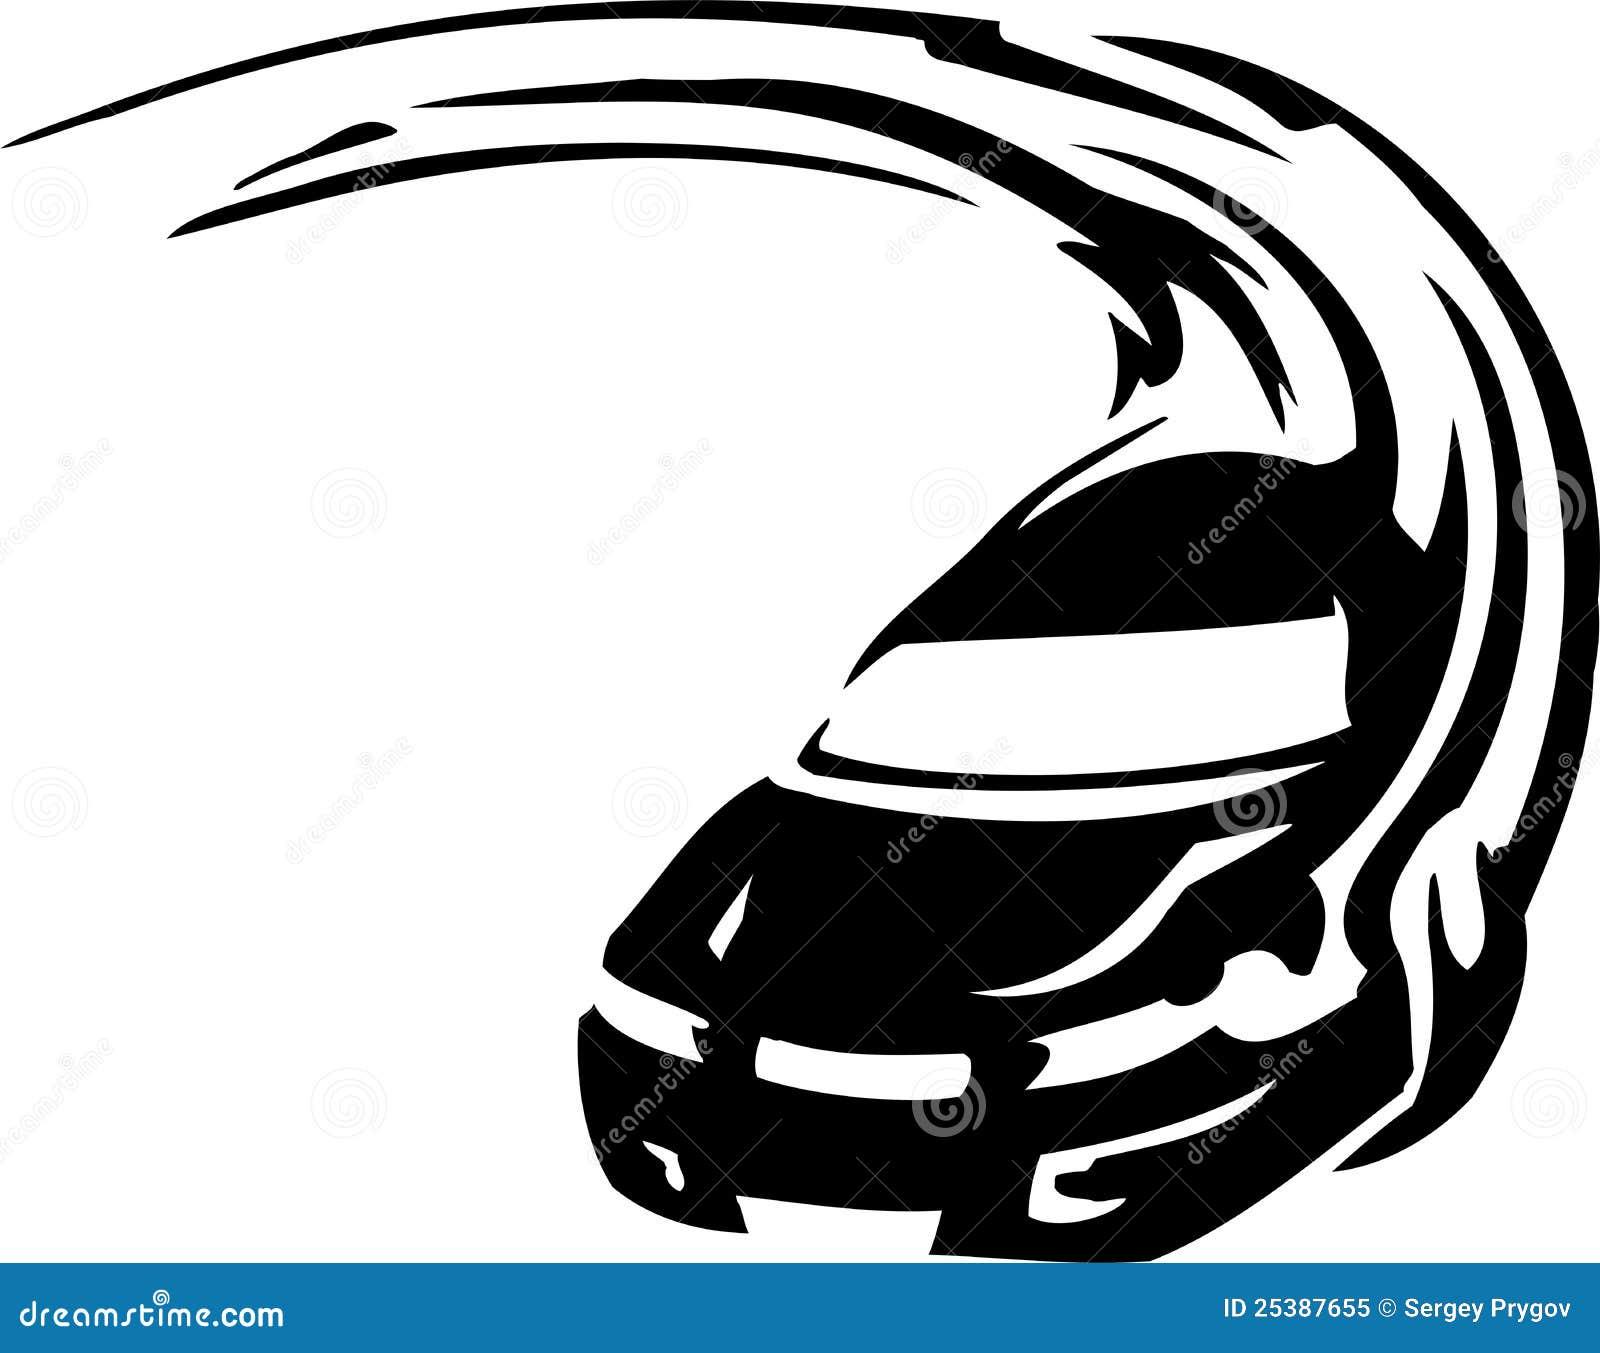 An Outline Of A Race Car